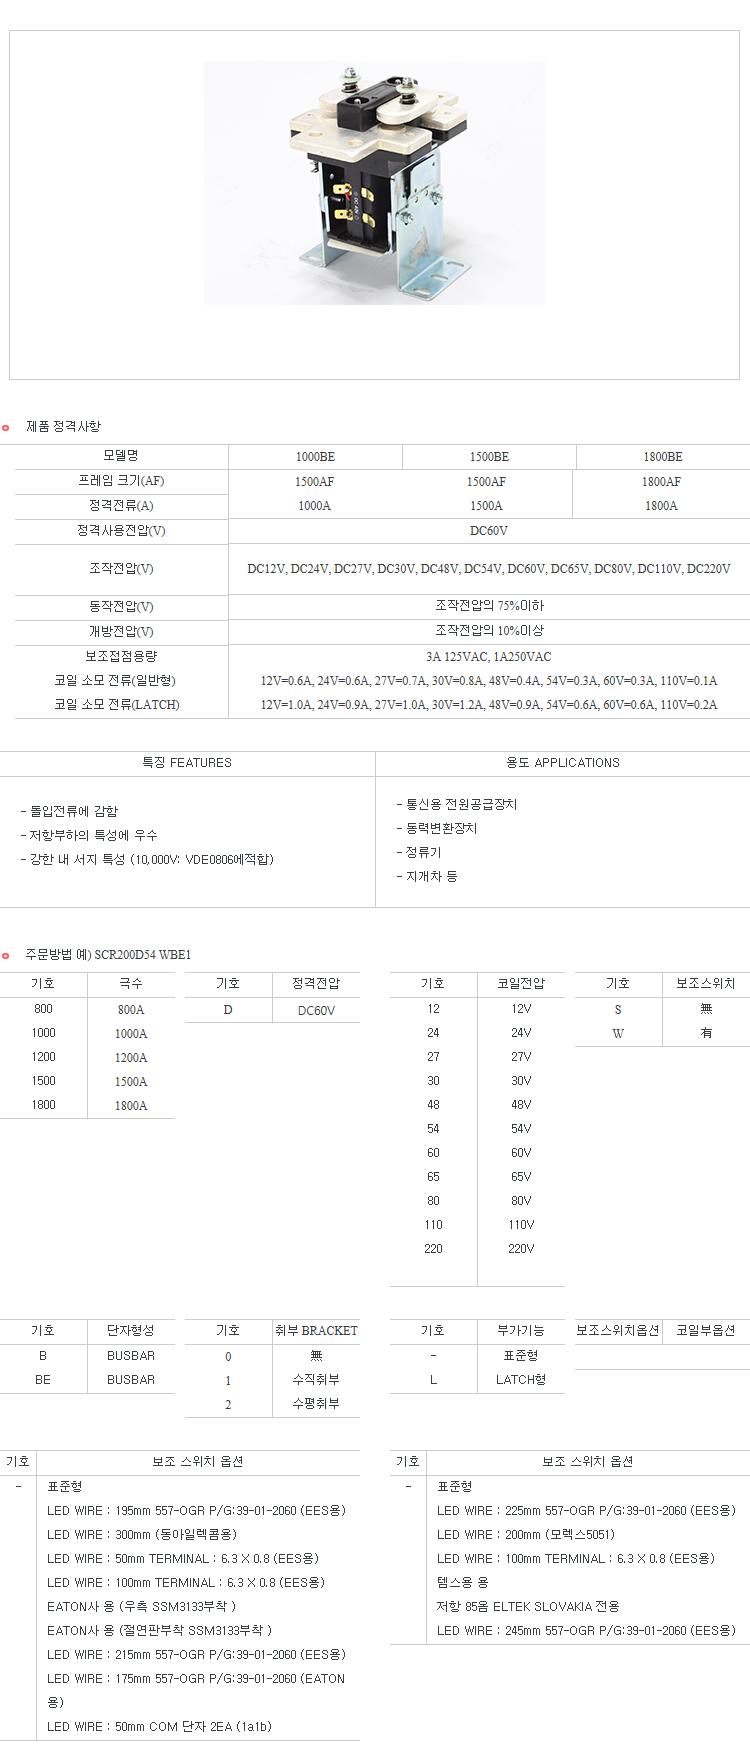 우리산전(주) SCR SCR-MH(MT)/B/BE 5